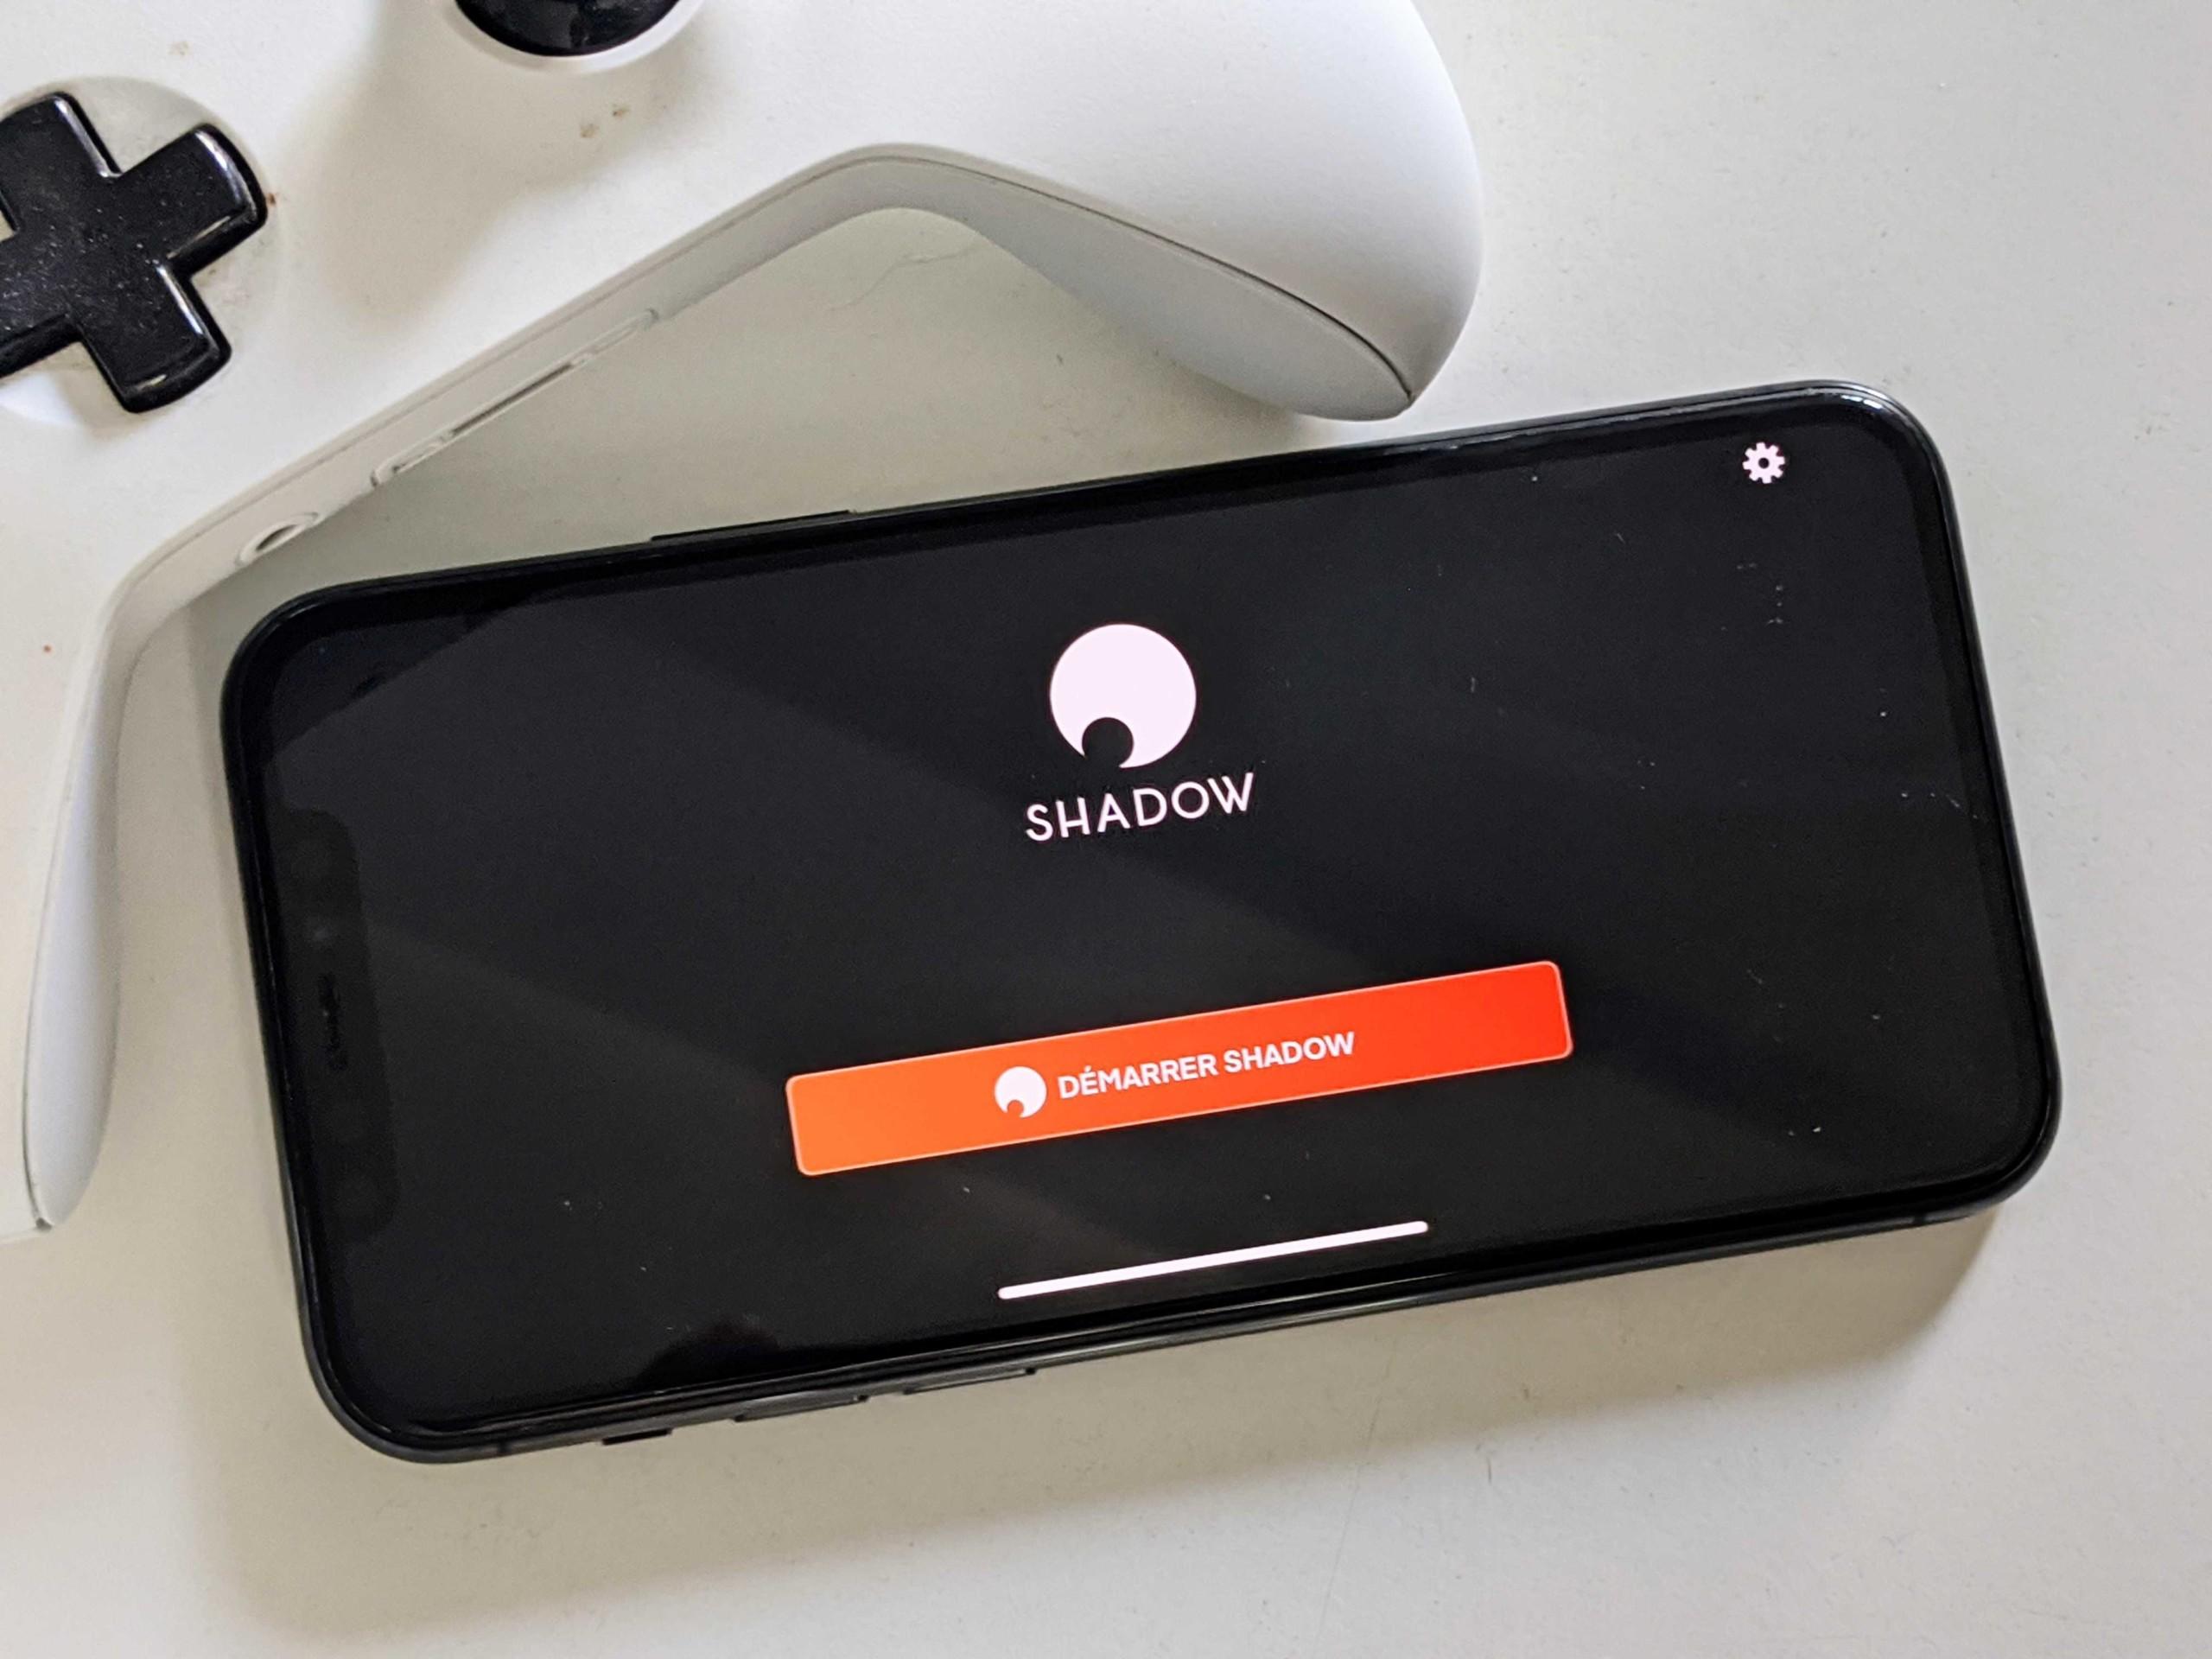 App Store : si Shadow s'est fait expulser deux fois, c'est à cause de Microsoft